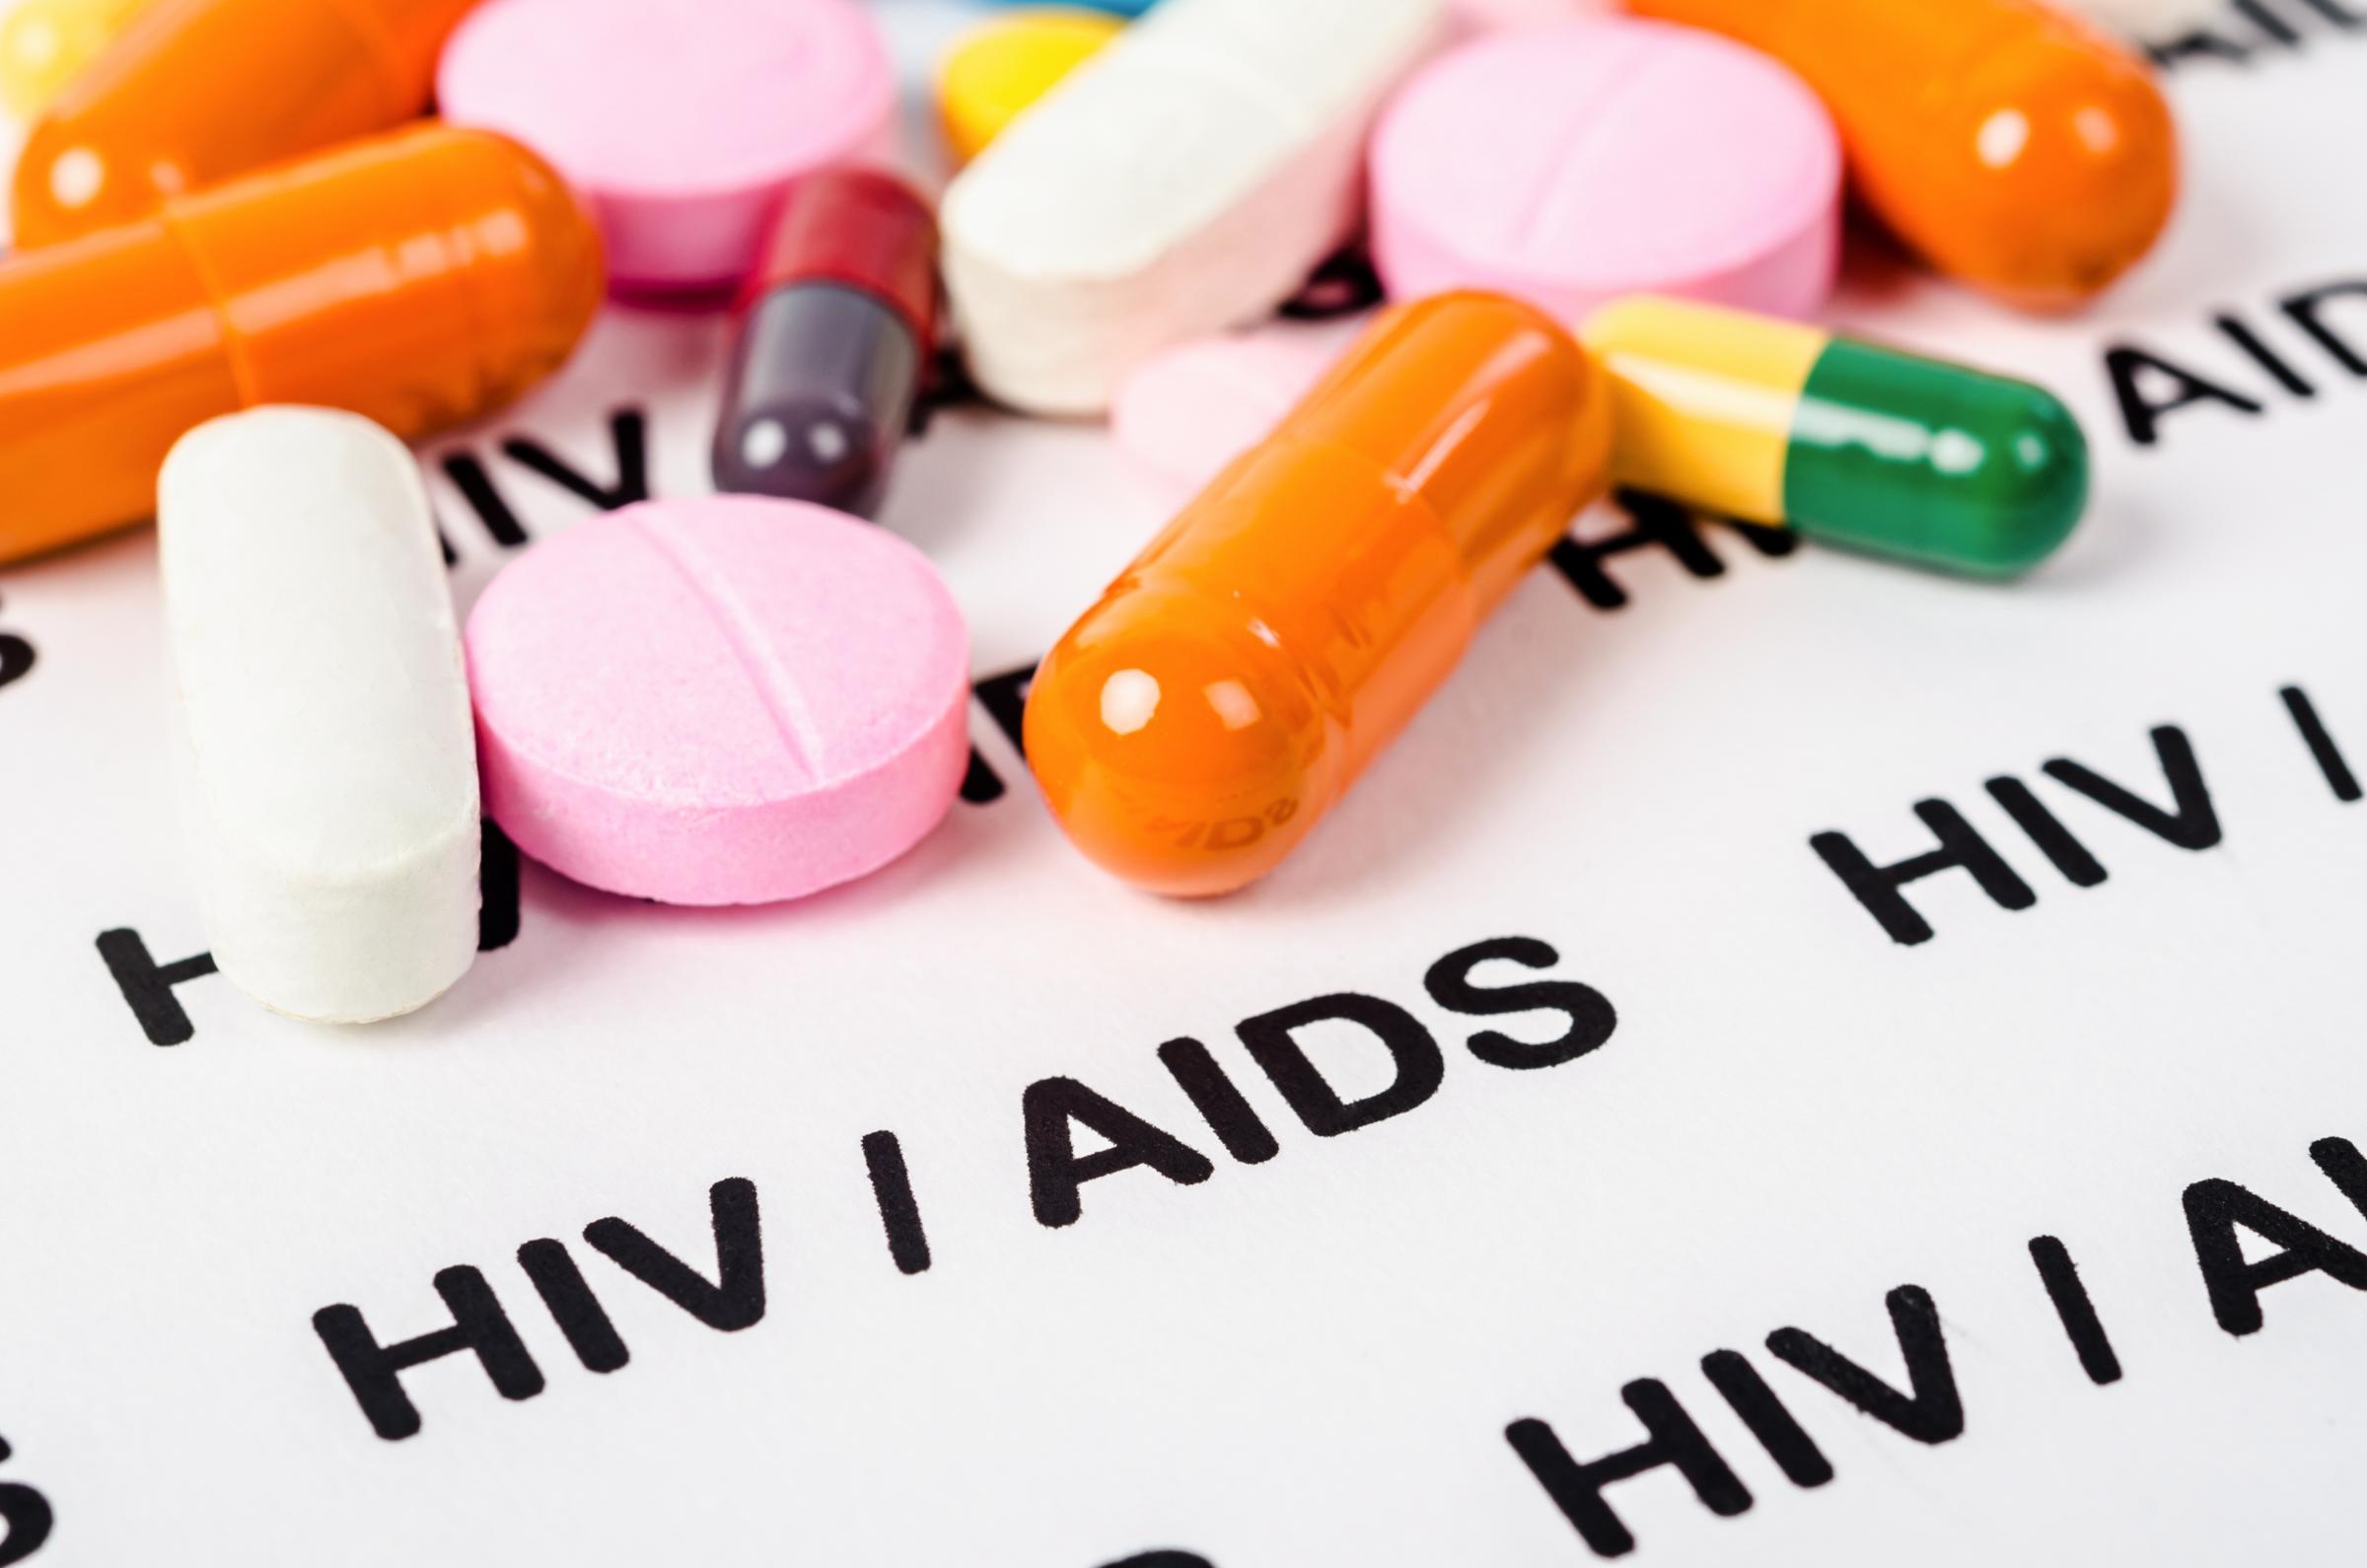 ما الفرق بين الإصابة بفيروس العوز المناعي البشري HIV ومرض الإيدز - يتسبب فيروس العوز المناعي بأضرار خطيرة في الجهاز المناعي